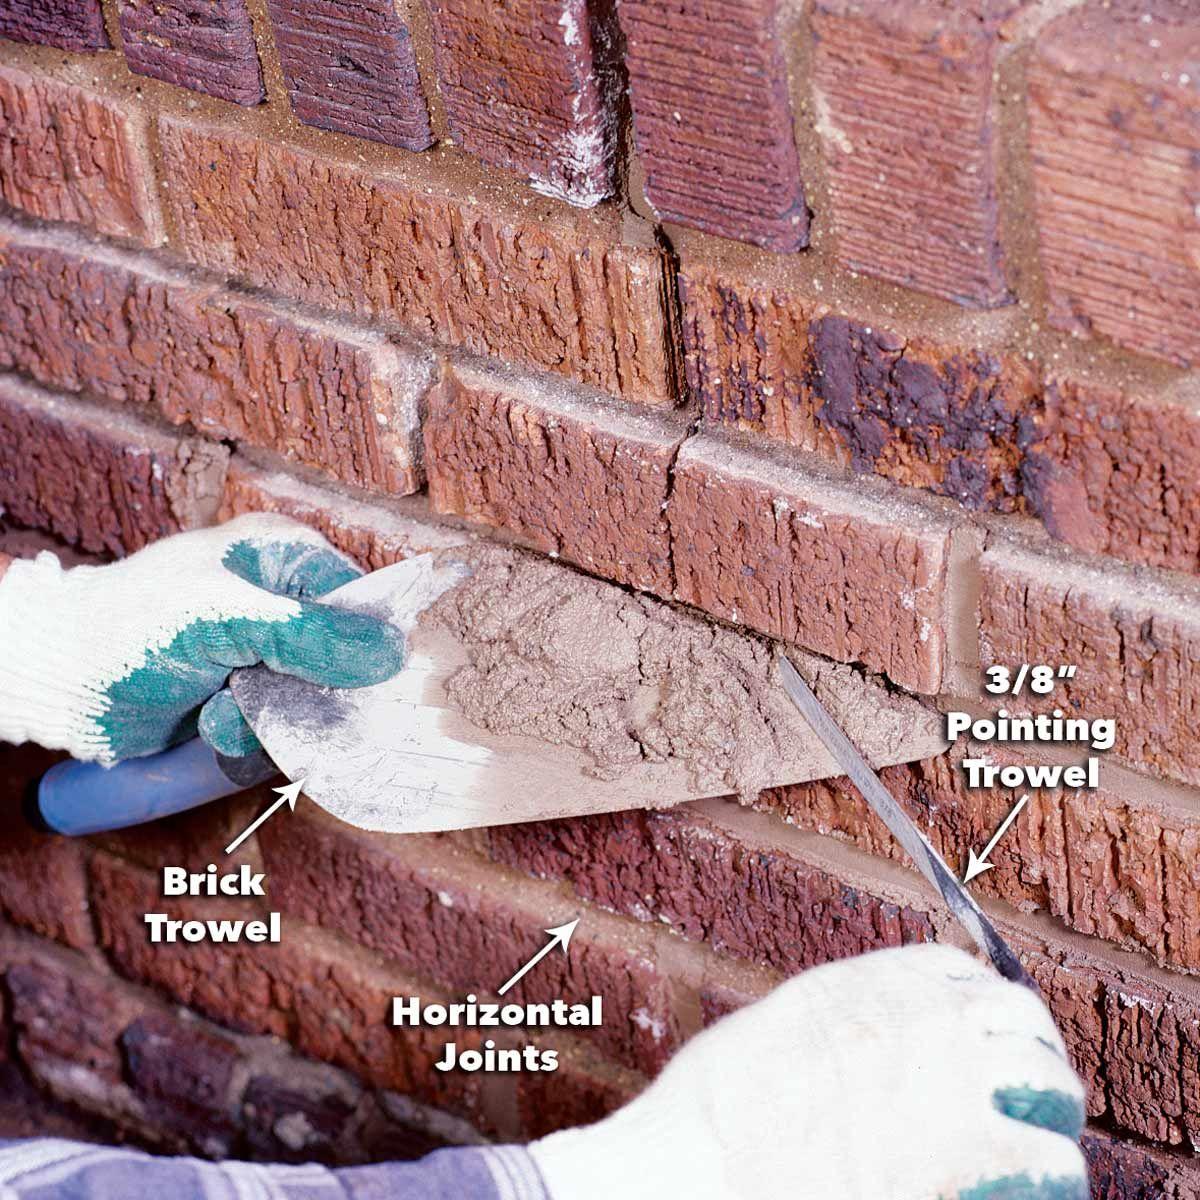 How To Repair Mortar Joints Brick Repair Home Repair Mortar Repair